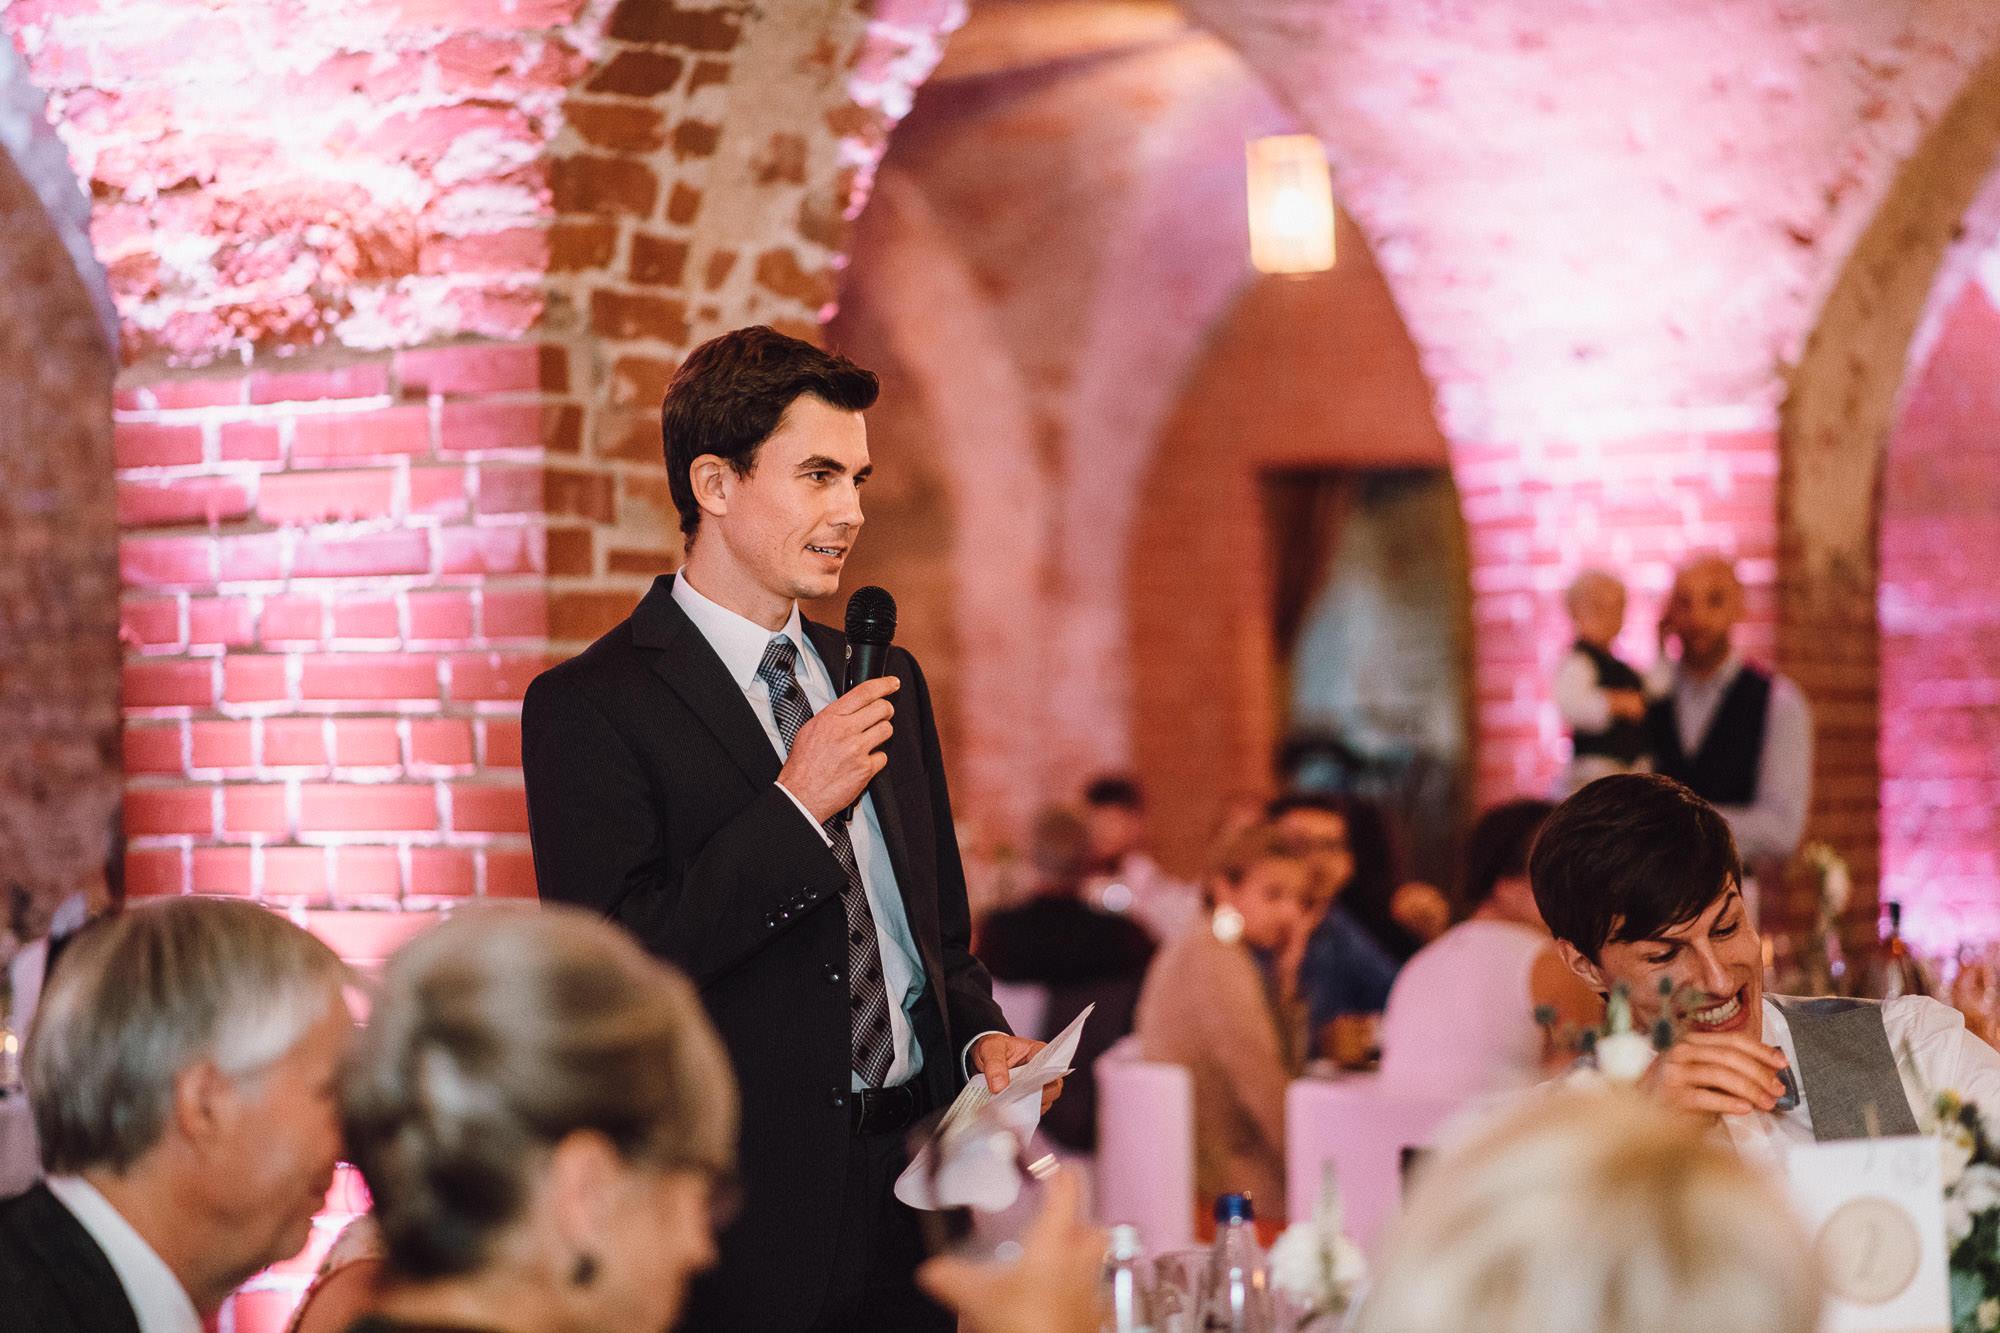 greenery-wedding-hochzeit-prielhof-sukkulenten-scheyern-lauraelenaphotography-105